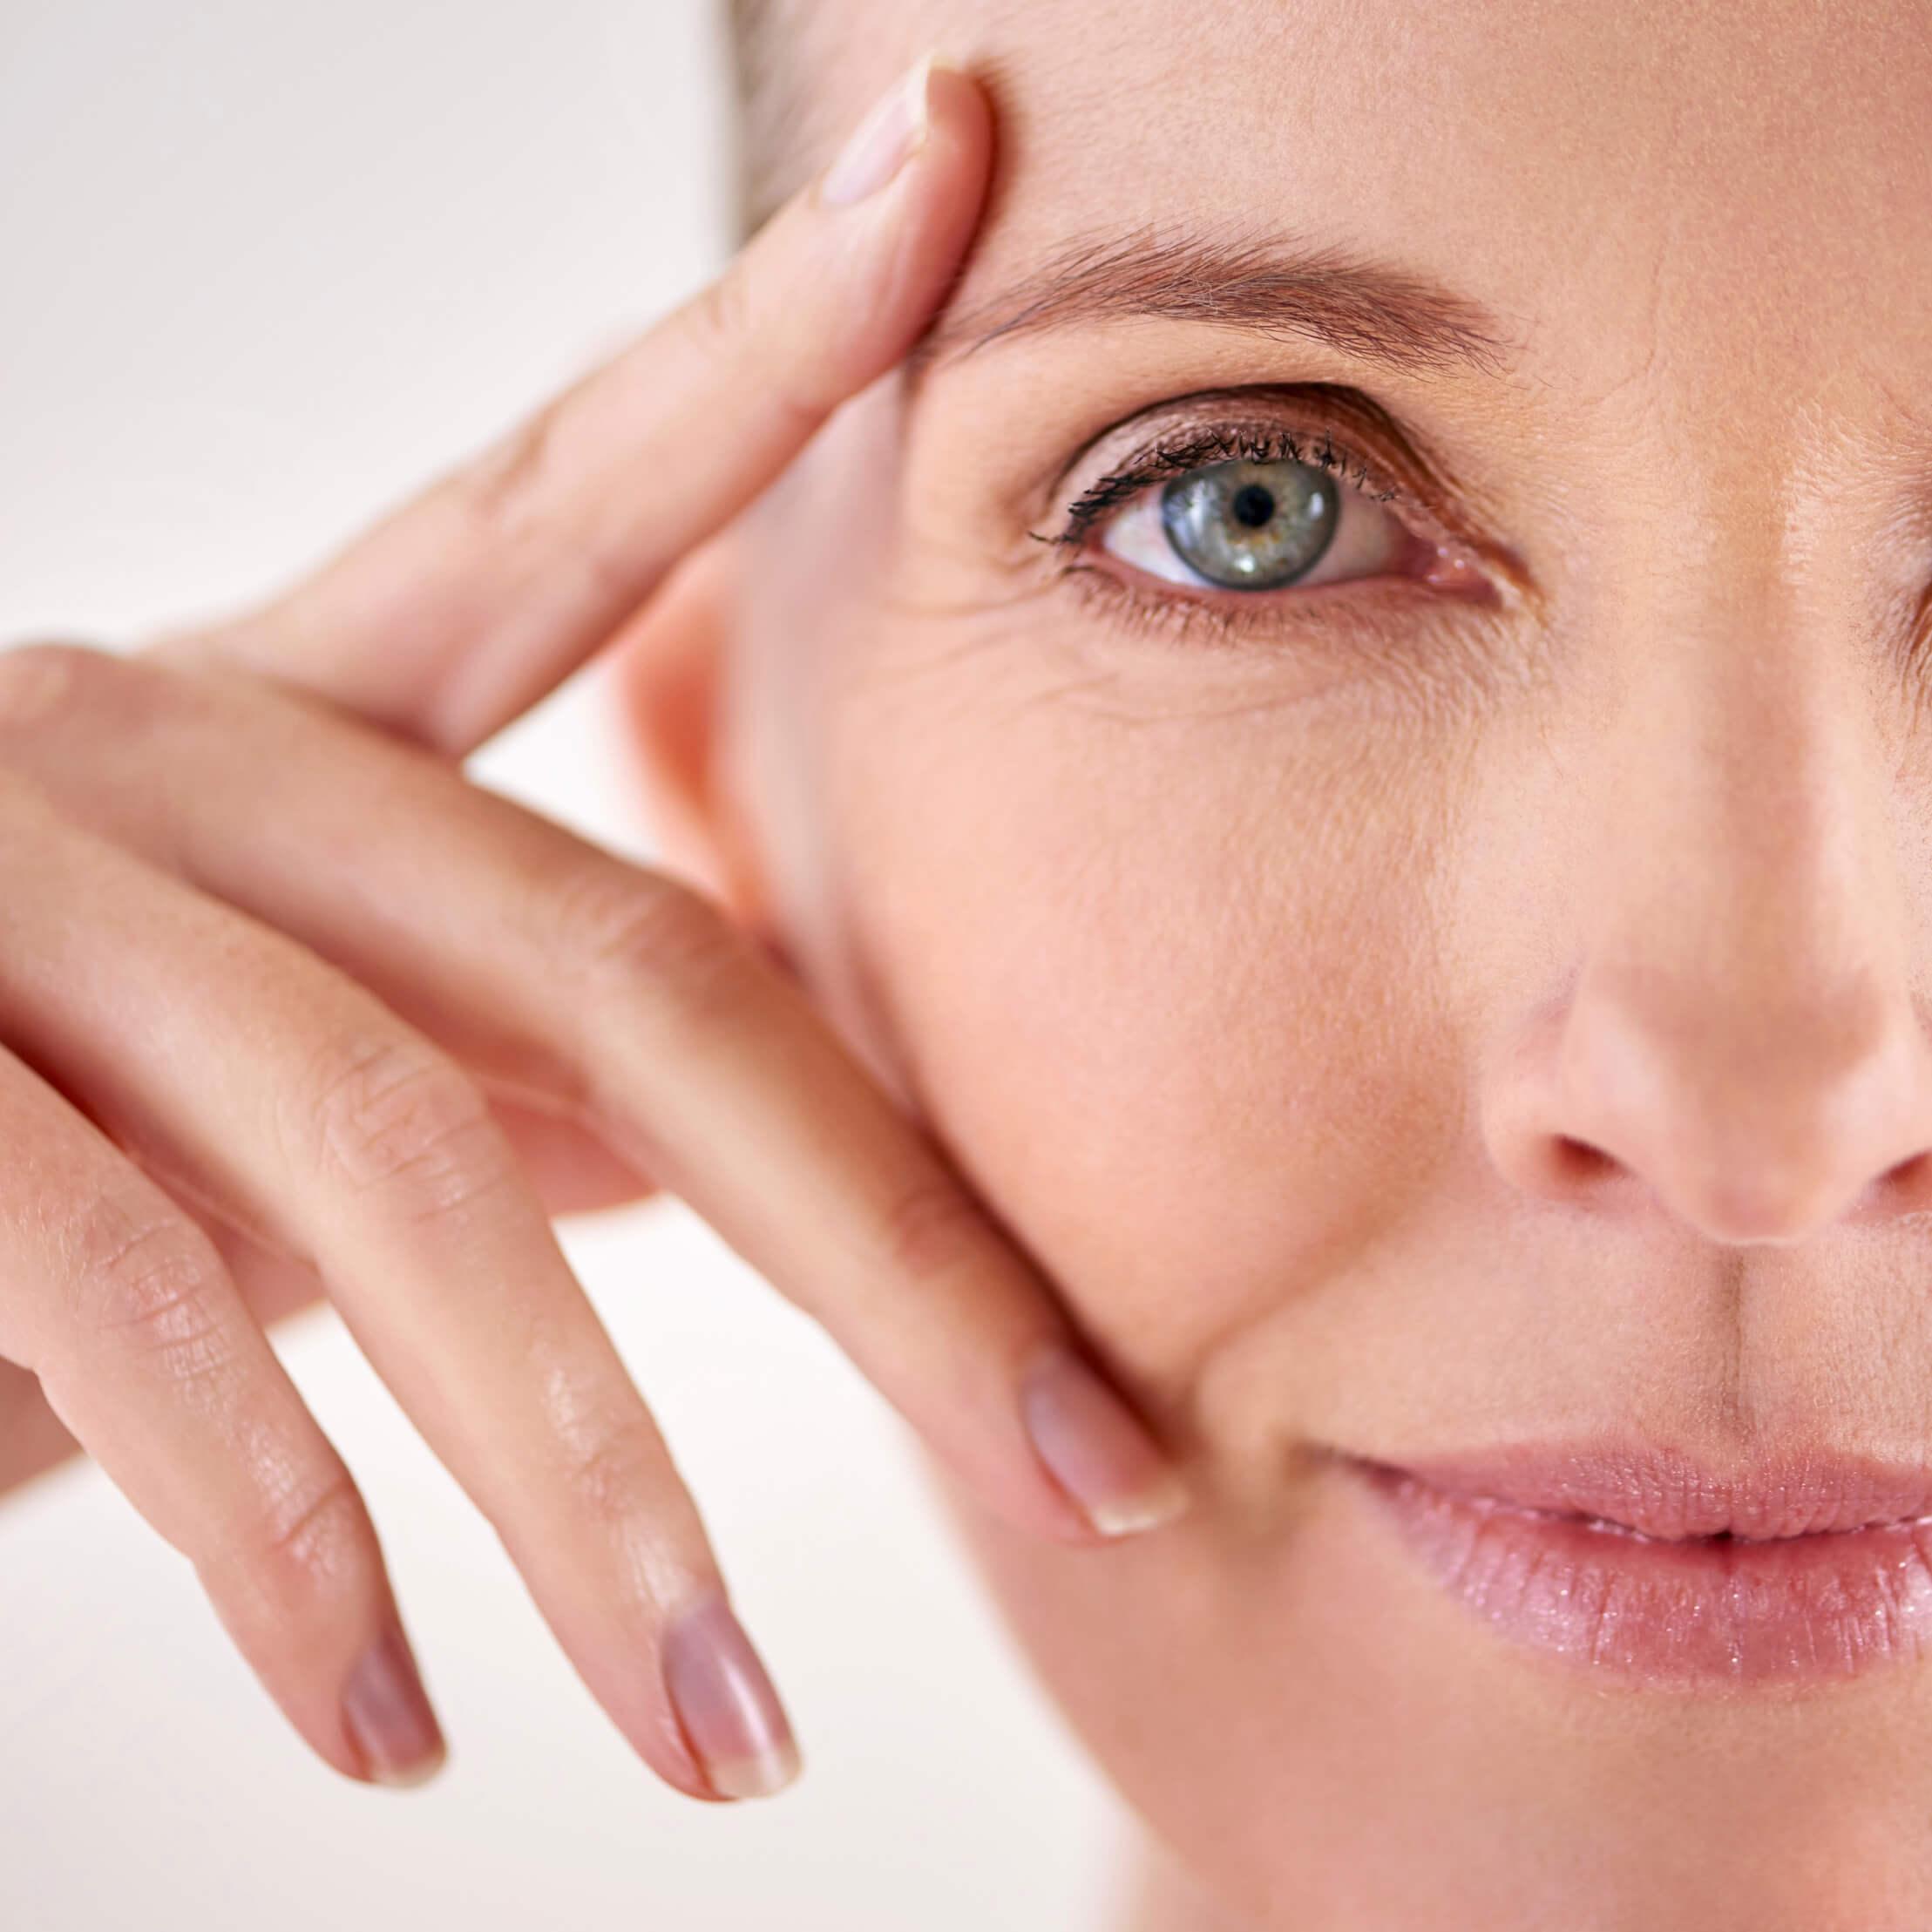 抗衰老护肤品